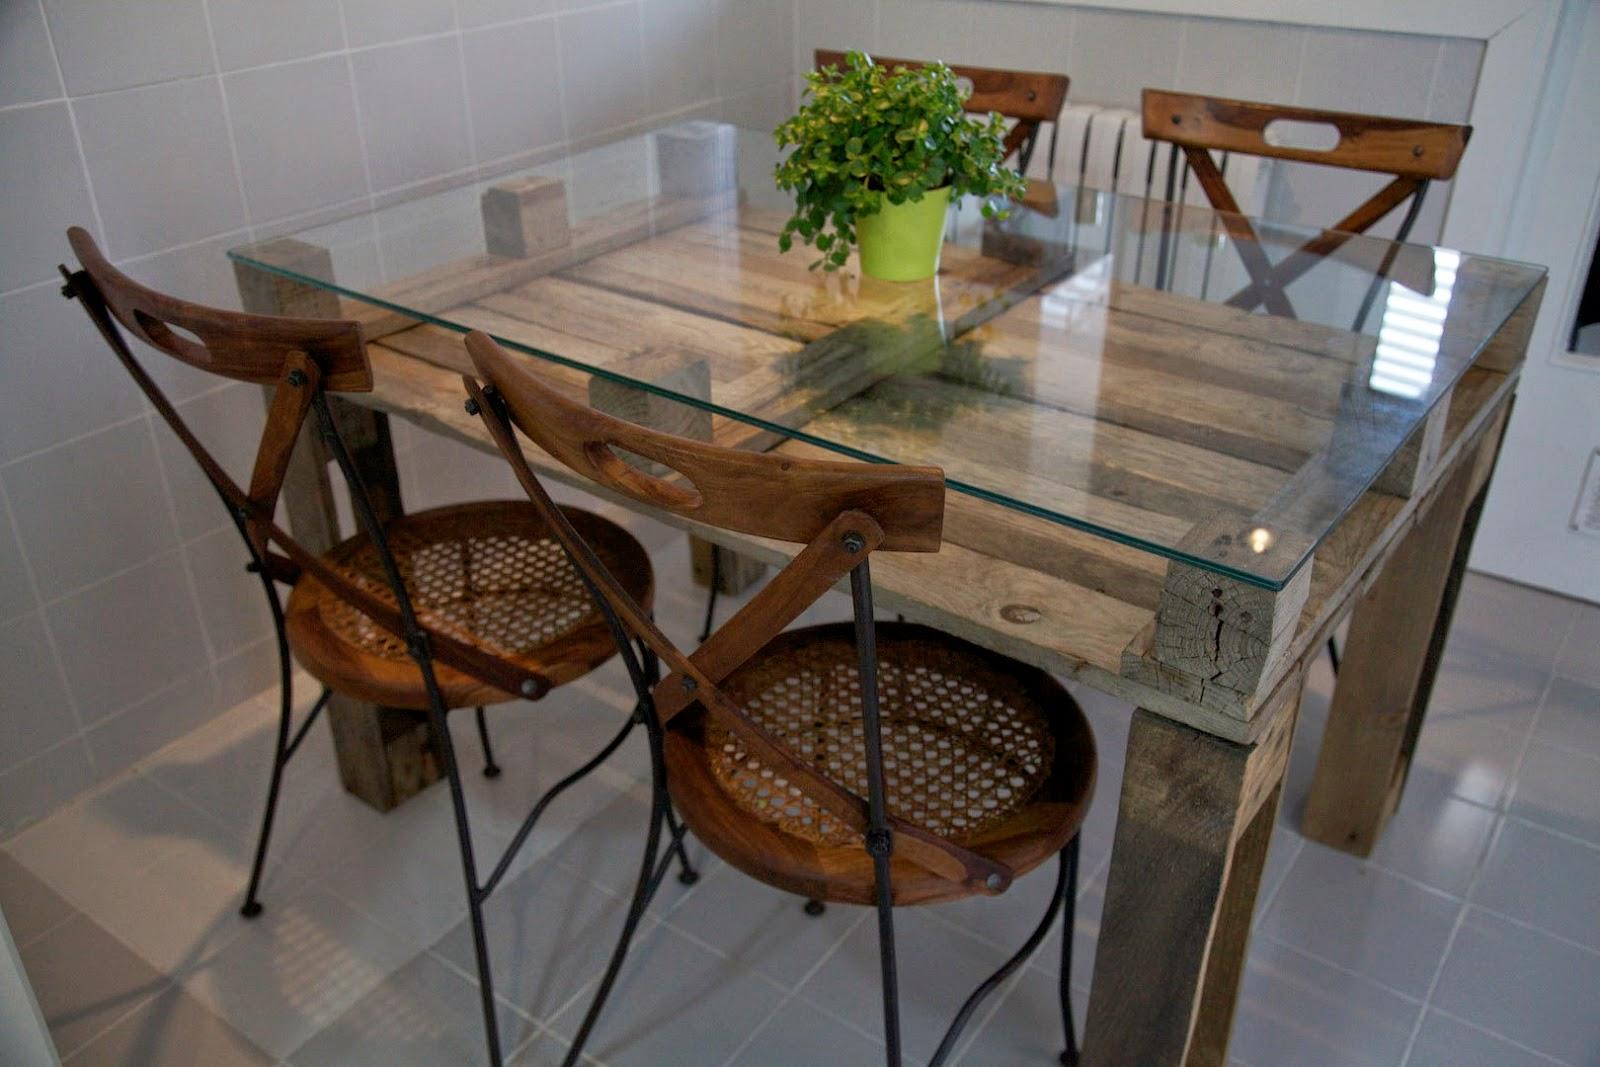 Mesa elaborada con palets reciclados